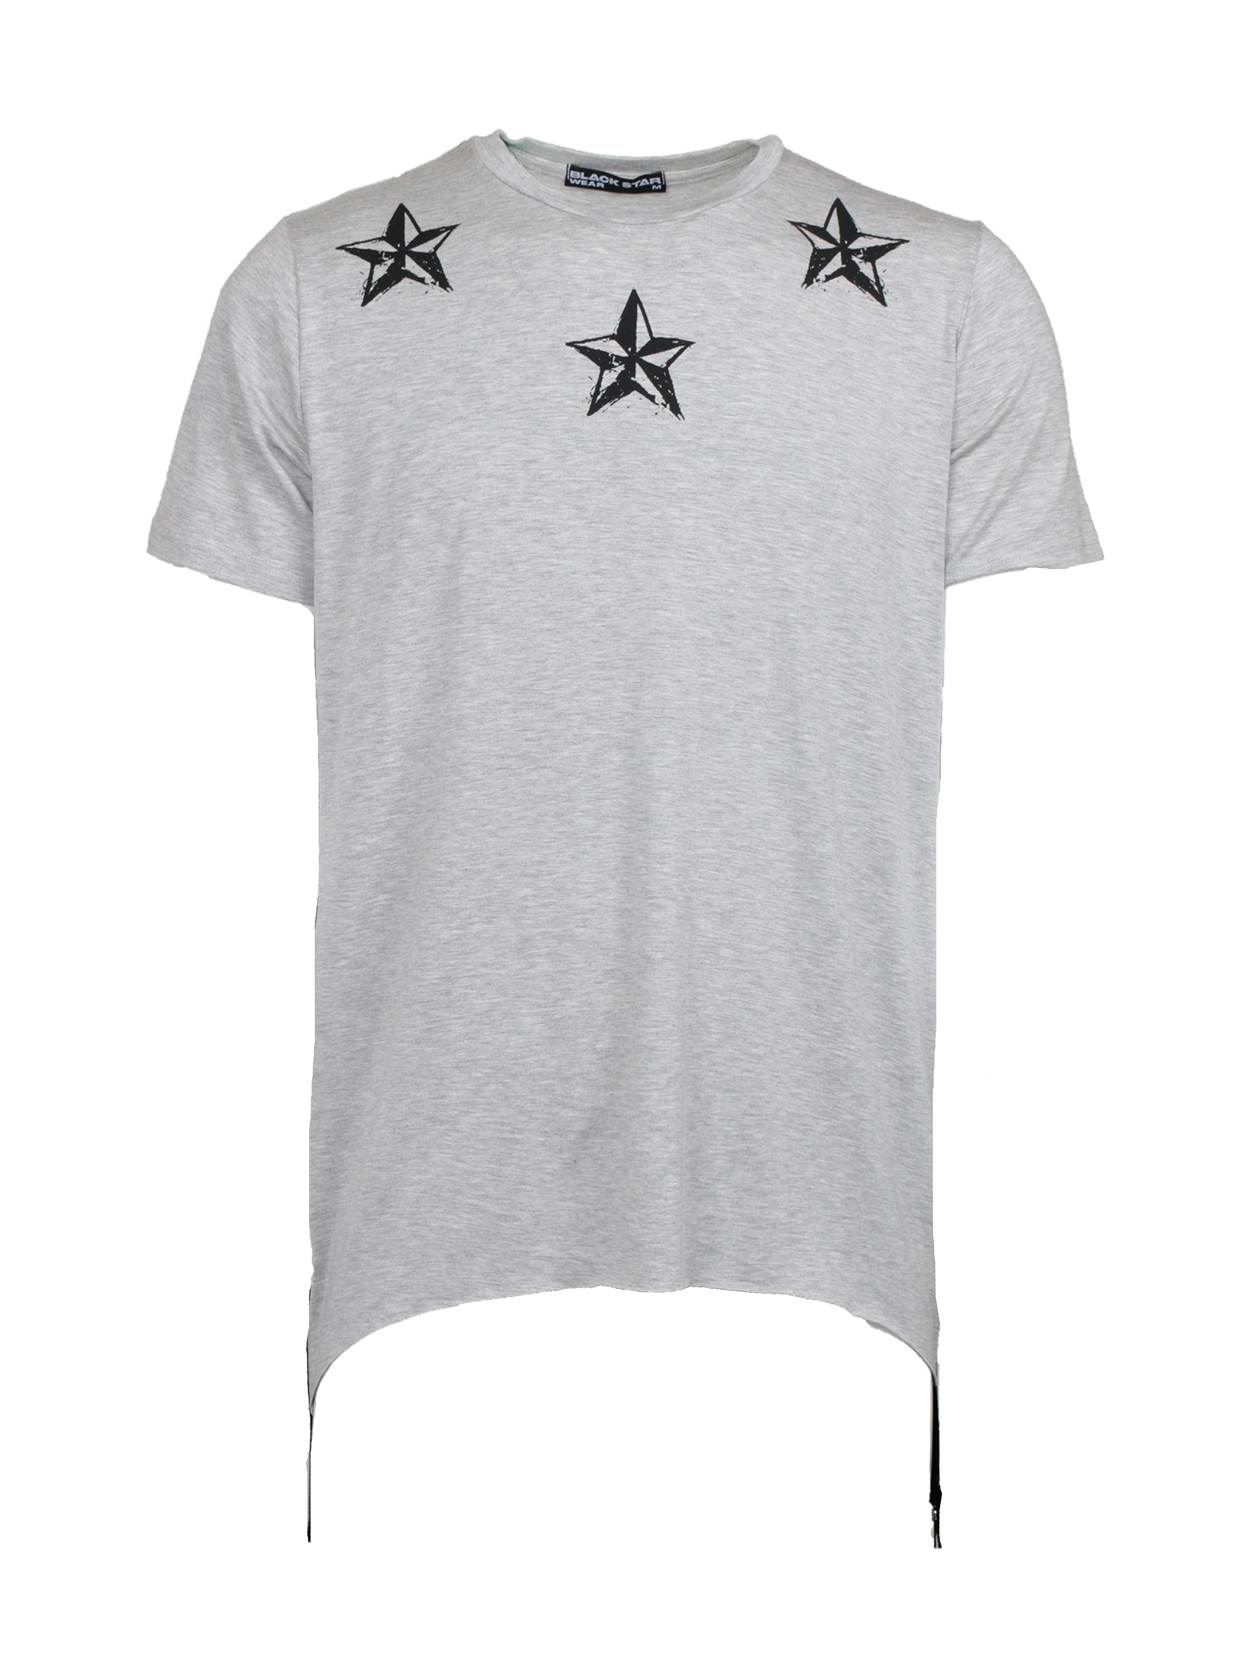 Футболка мужская REGULARМужская футболка из новой коллекции Black Star Wear. Стильная, практичная и очень качественная модель свободного кроя с коротким рукавом, а так же уникальным дизайнерским рисунком на груди в стилеBlack Star. Изделие выполнено из натурального хлопка премиального качества, что обеспечит безупречный комфорт. Низ дополняет ультрамодное дизайнерское решение в виде черных широких молний по бокам. Идеально дополнит стильный мужской образ на каждый день. Несомненно станет незаменимой и любимой вещью в гардеробе. Модель доступна в сером, черном и белом цветах.<br><br>Размер: L<br>Цвет: Серый меланж<br>Пол: Мужской